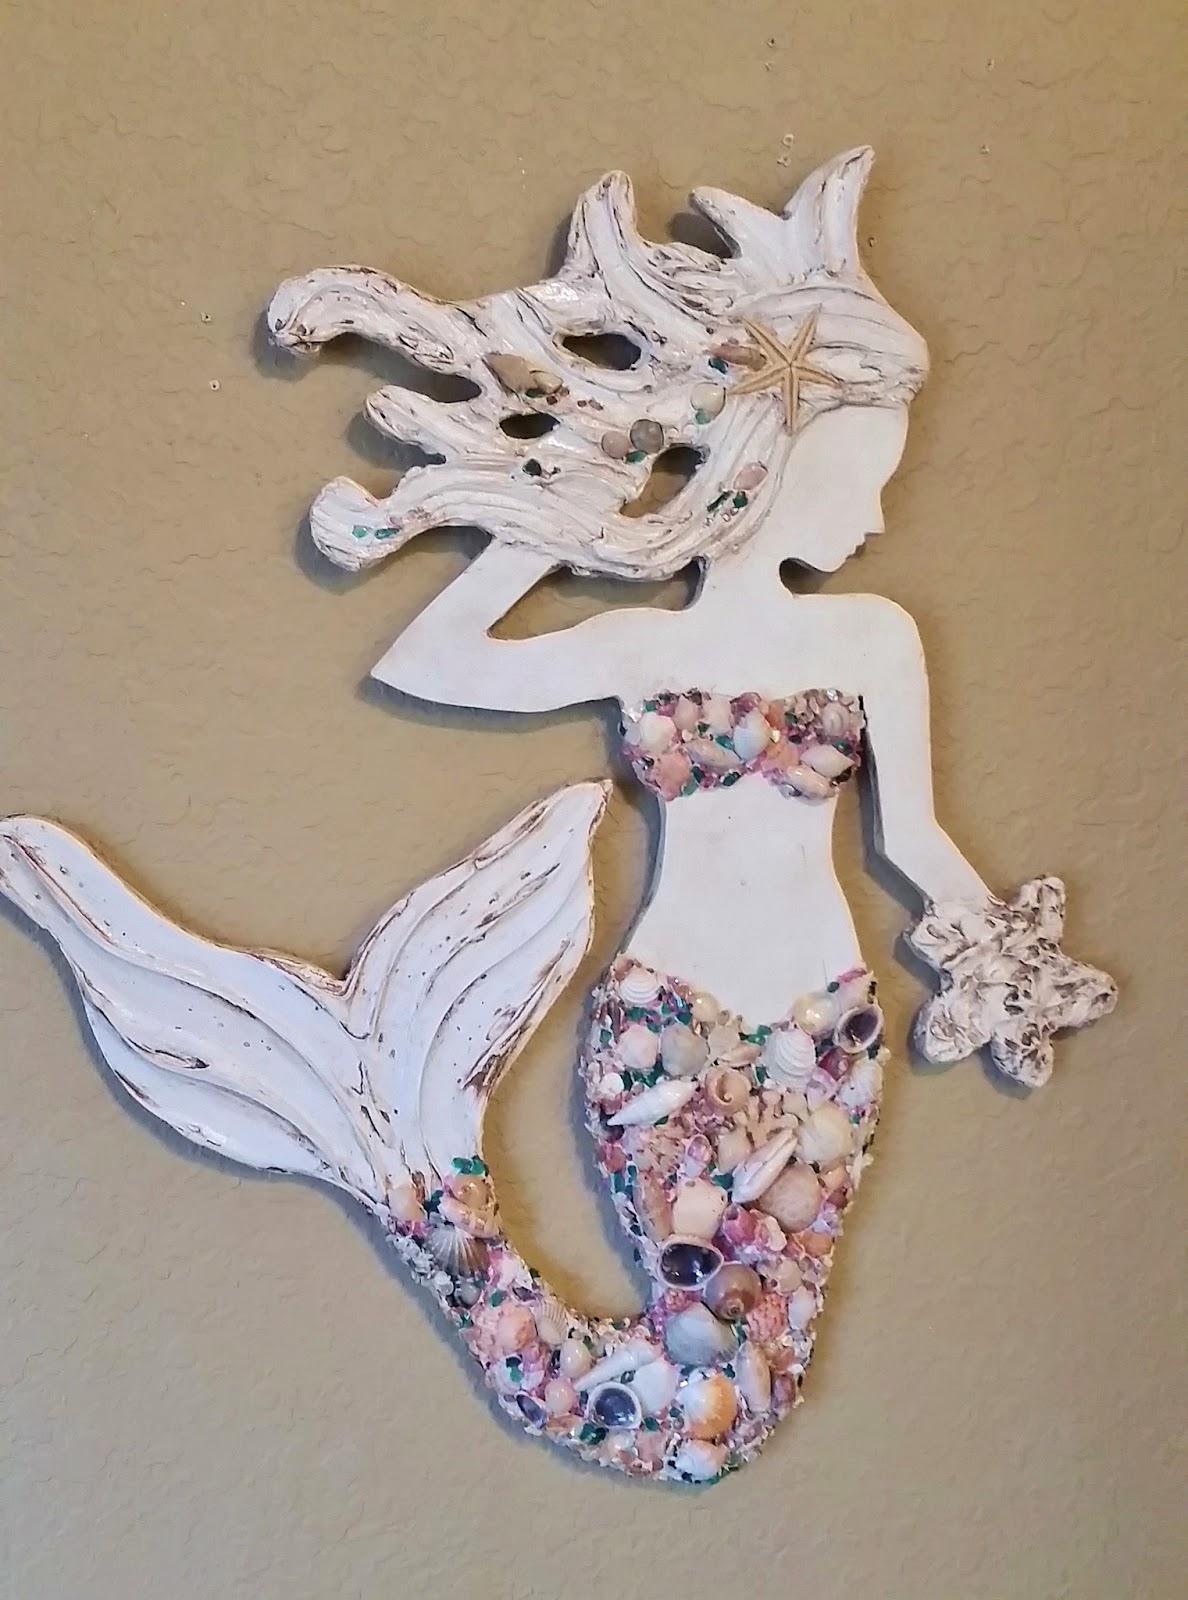 mermaid and starfish art